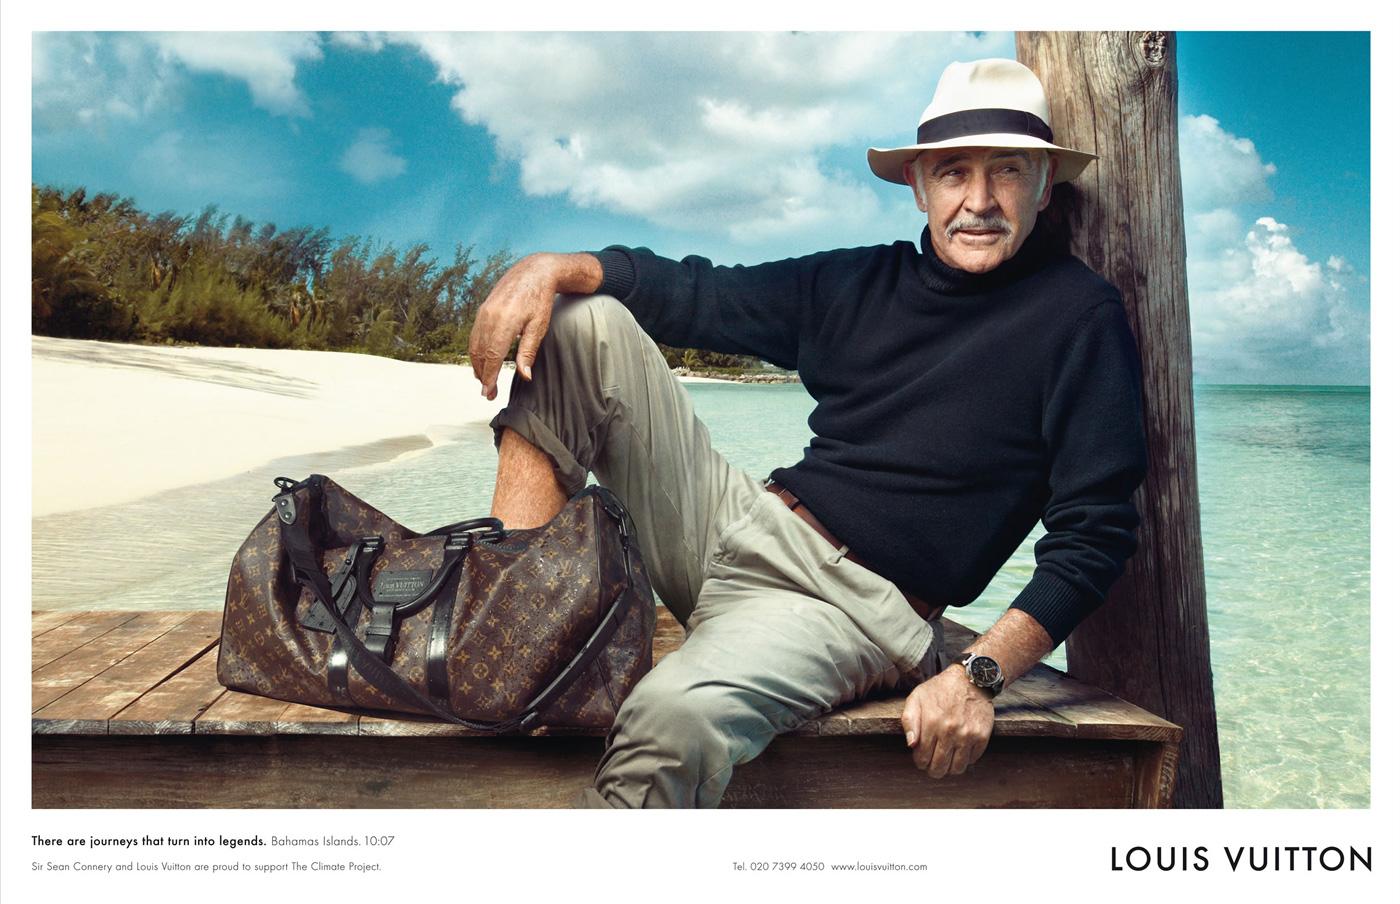 Sean Connery para una campaña publicitaria de Louis Vuitton, una de las marcas más lujosas del mundo. © Annie Leibovitz